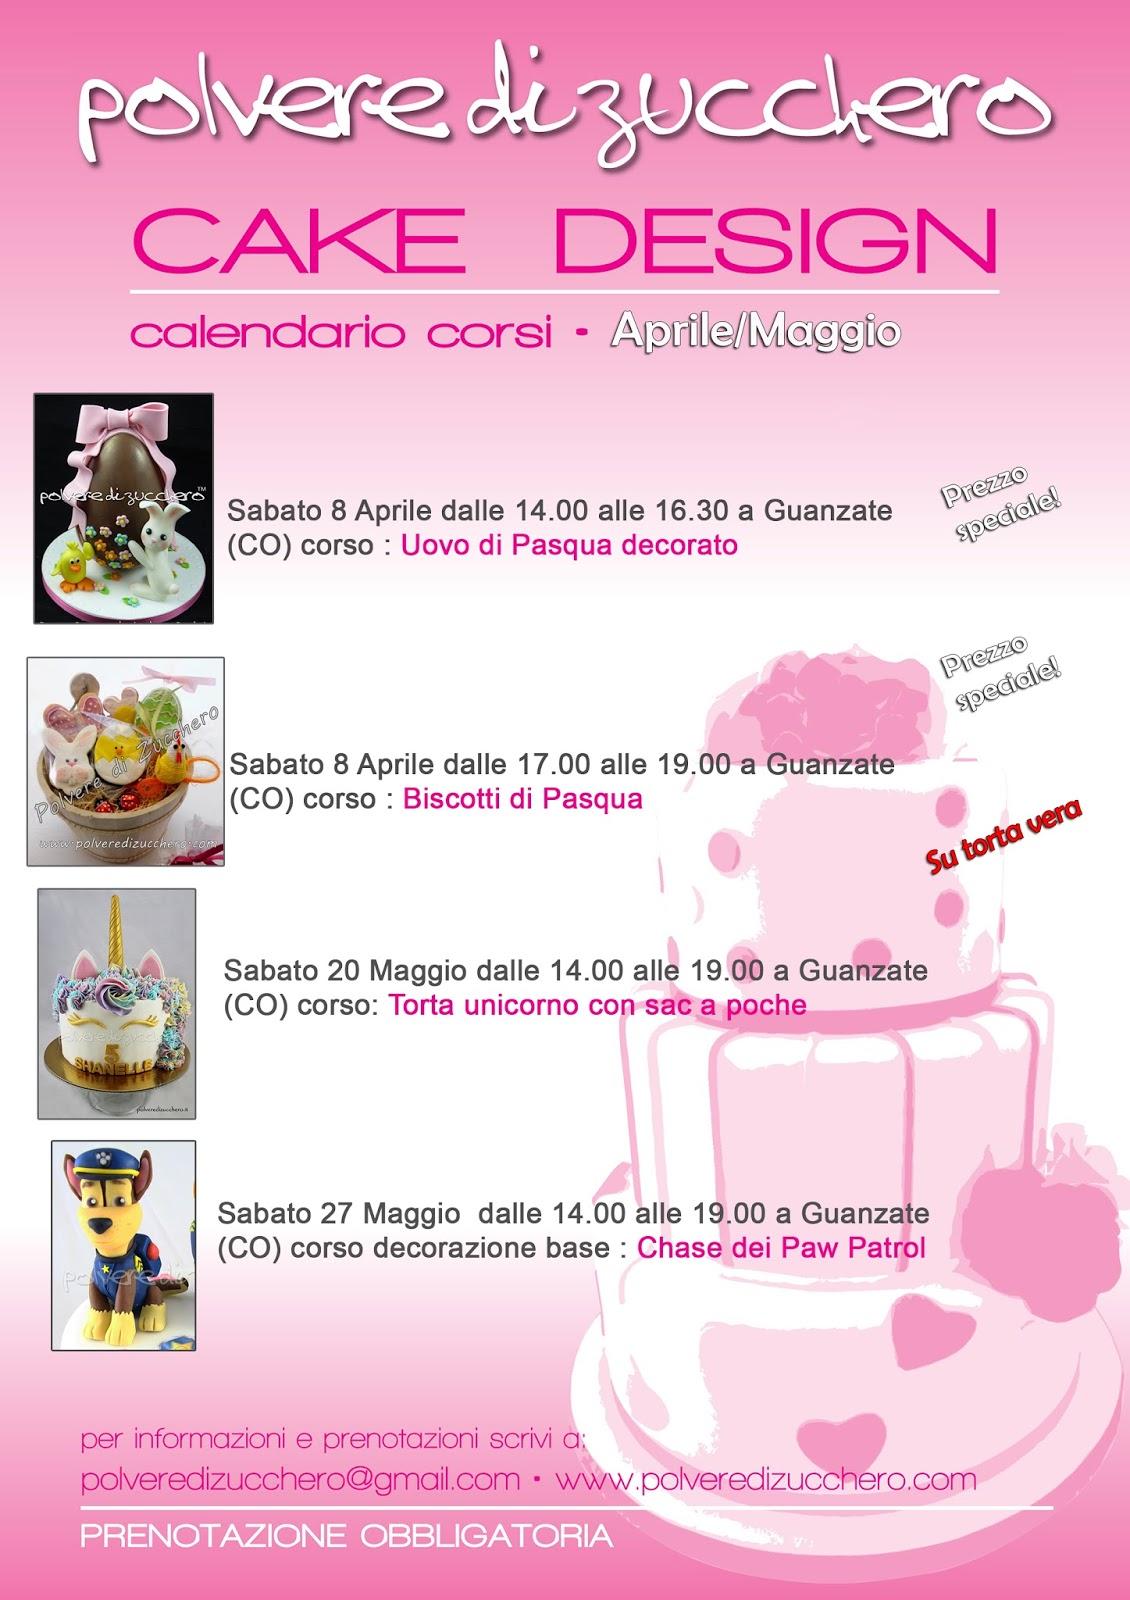 cake design corso corsi sugar art pasta di zucchero polvere di zucchero modelling torta decorazione zucchero